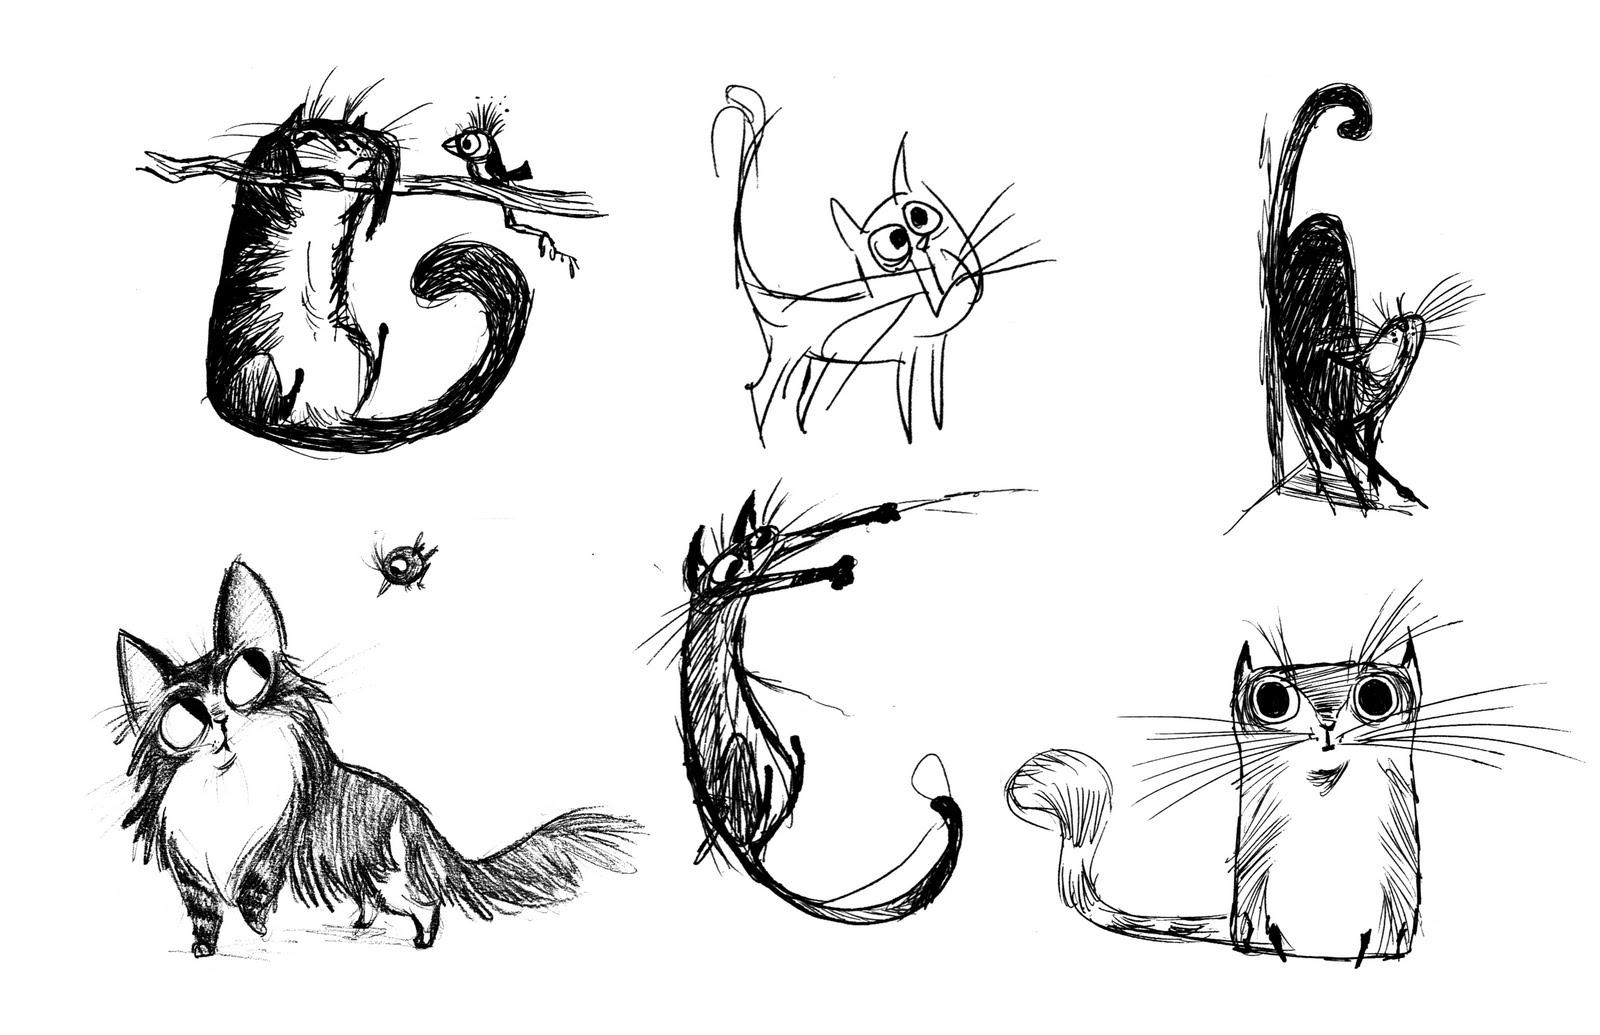 Le schtroumpf coll gien pierre et le loup images dessins des personnages - Coloriage pierre et le loup ...